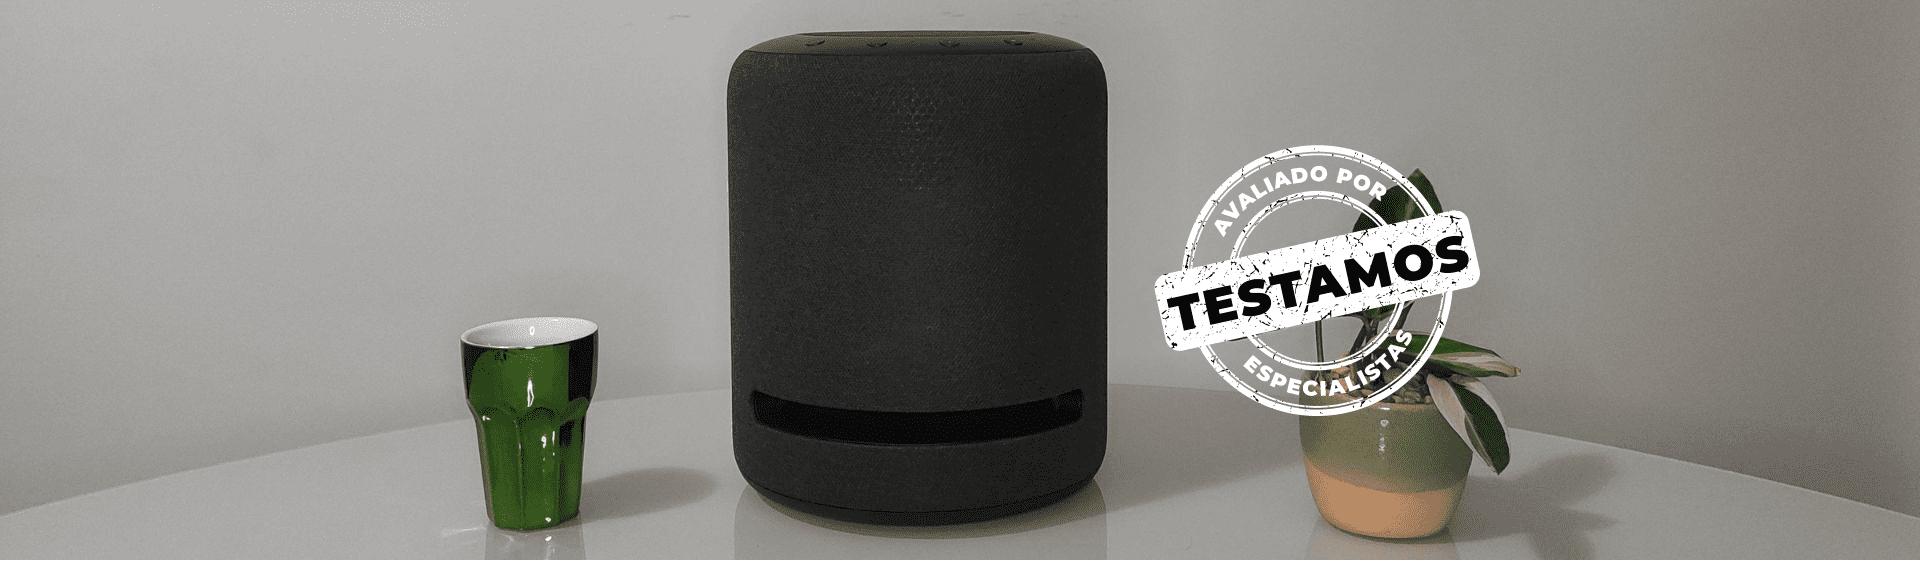 """Amazon Echo Studio apoiado em bancada branca com selo """"Avaliado por Especialistas"""" carimbado na imagem."""